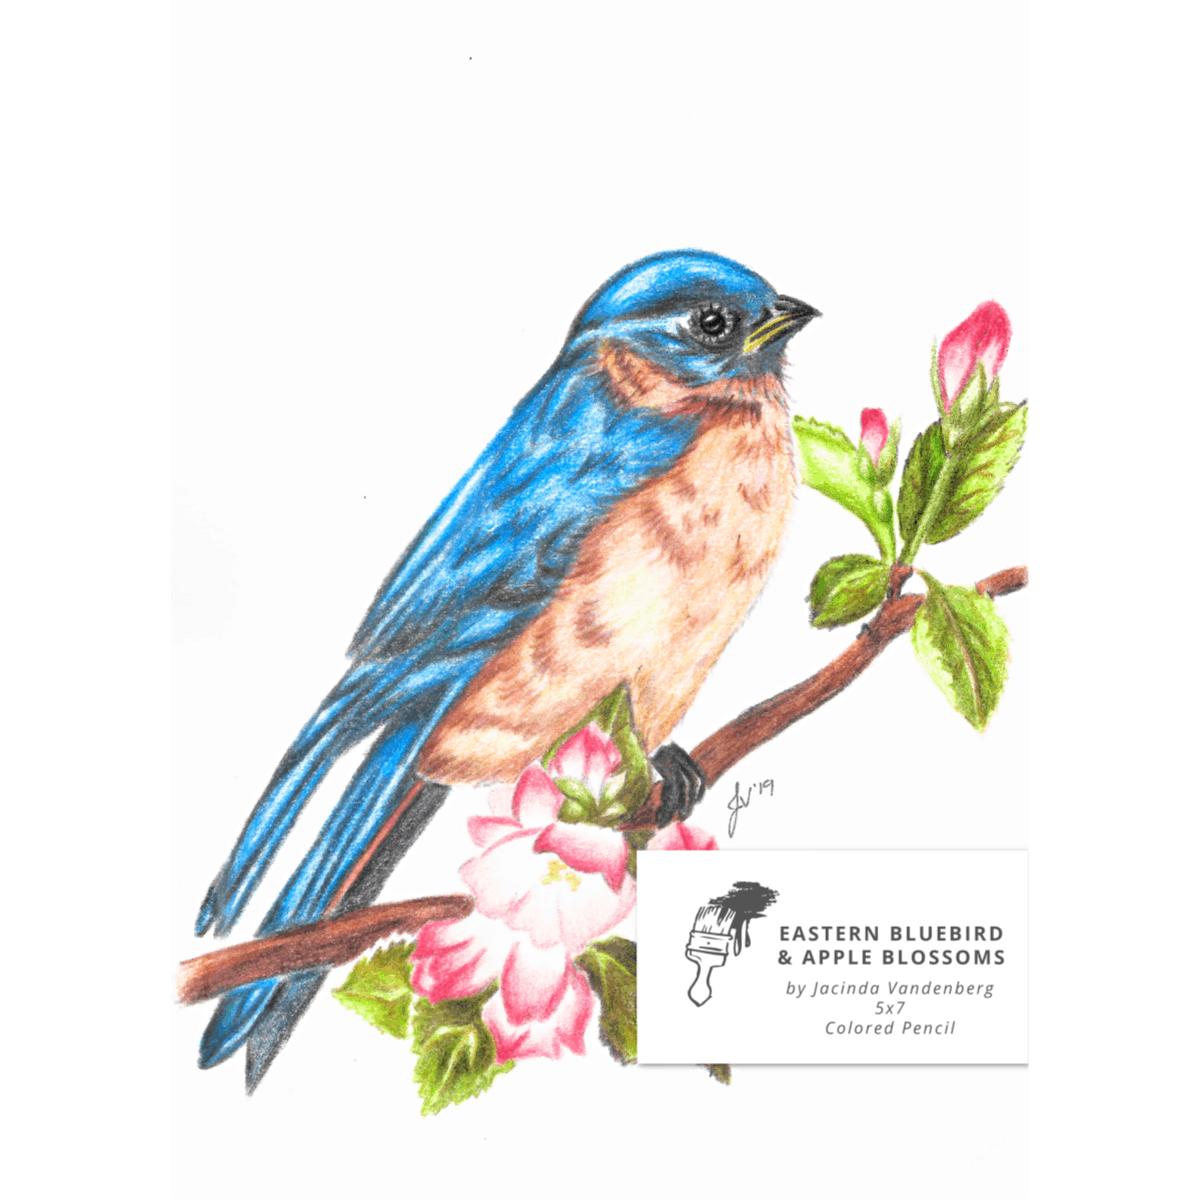 5x7 Eastern Bluebird & Apple Blossoms